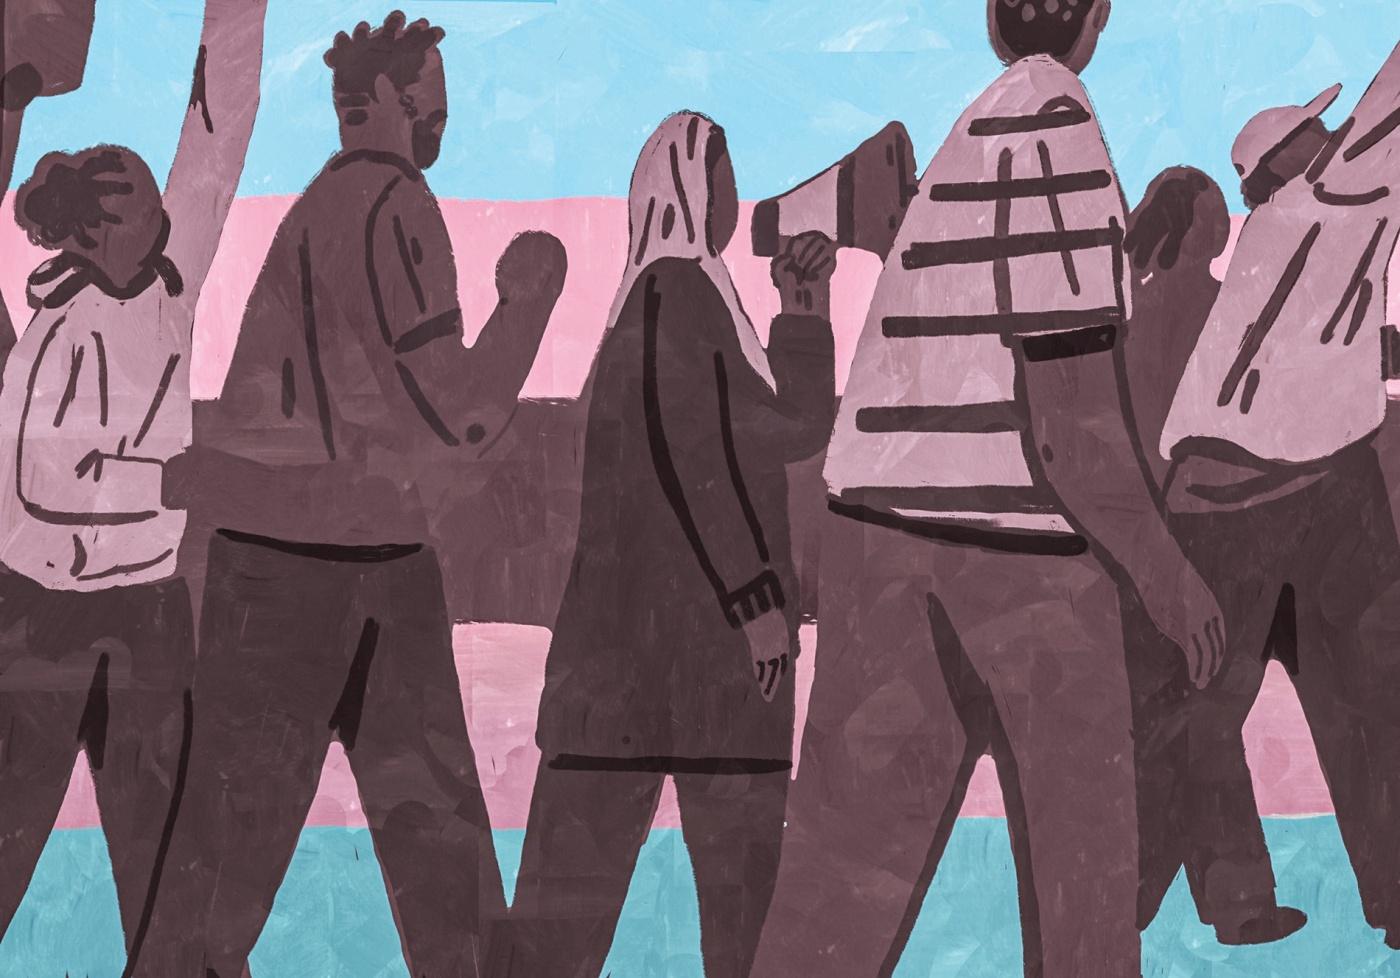 Racial justice: trans lives matter